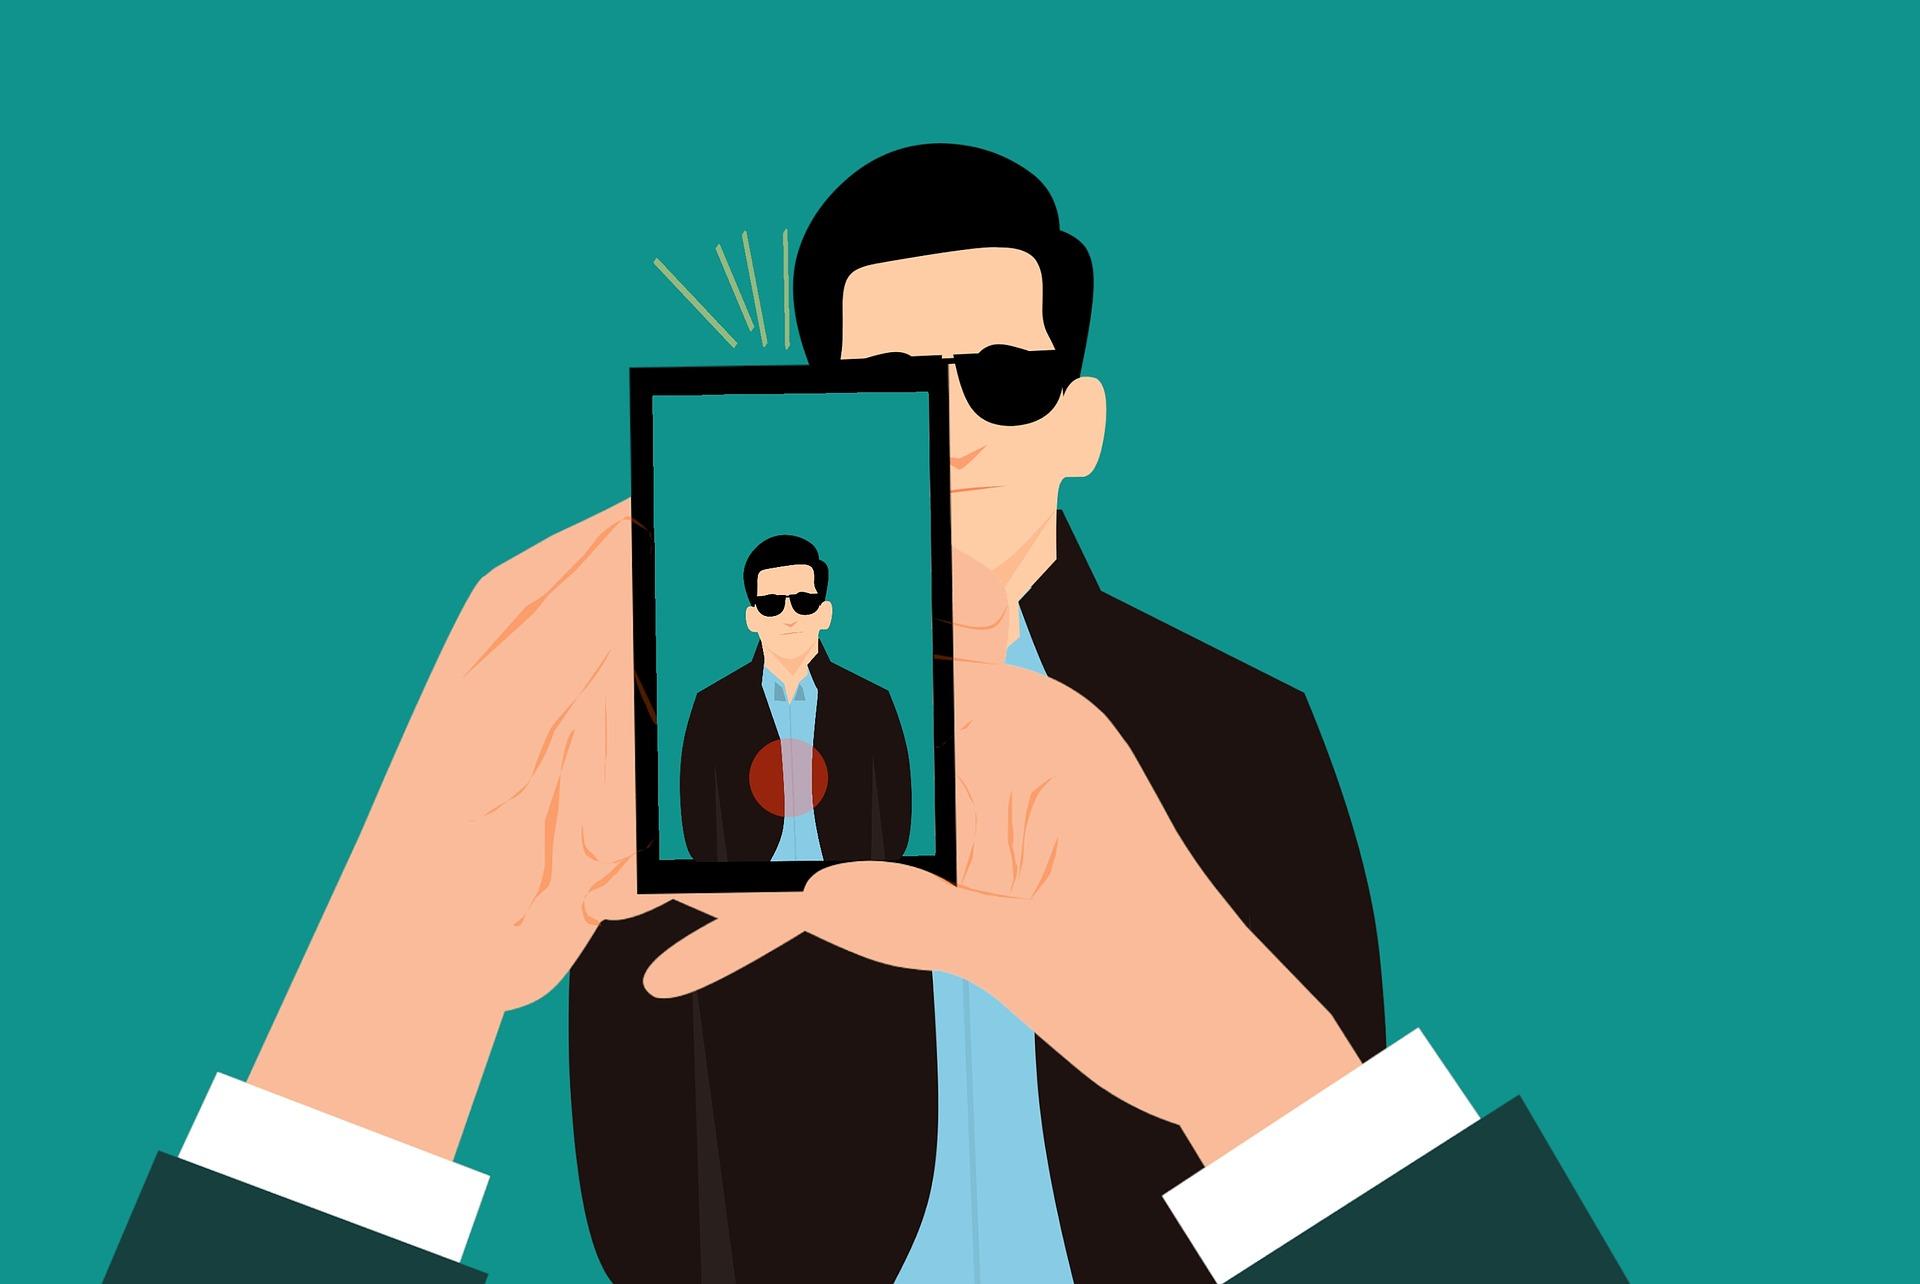 NOU COLTUC si ASOCIATII 96% dintre clienţi preferă consultanţa video